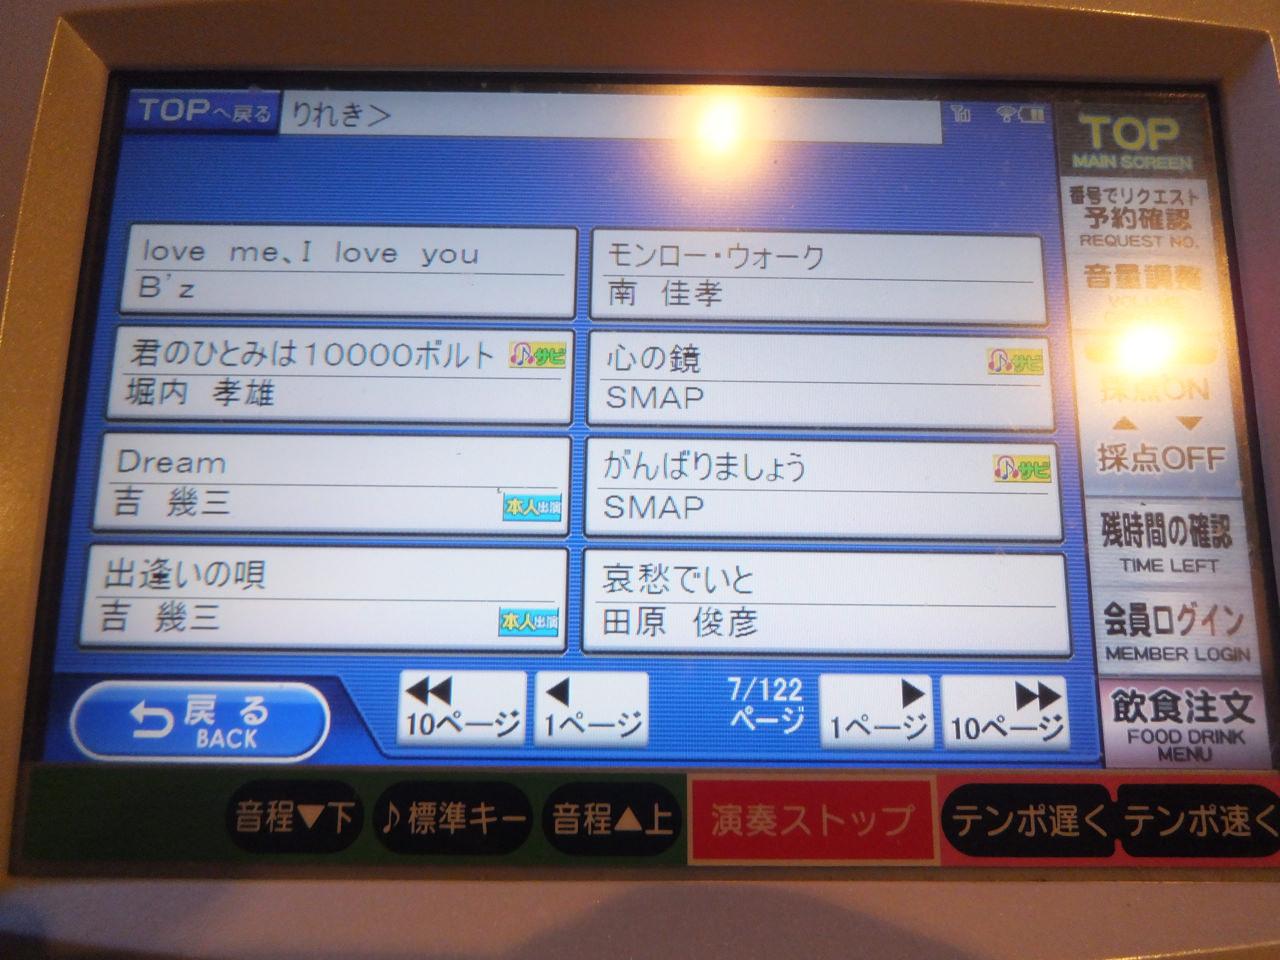 1人カラオケ・曲目リストvol4・田原俊彦・SMAP・吉幾三・画像写真